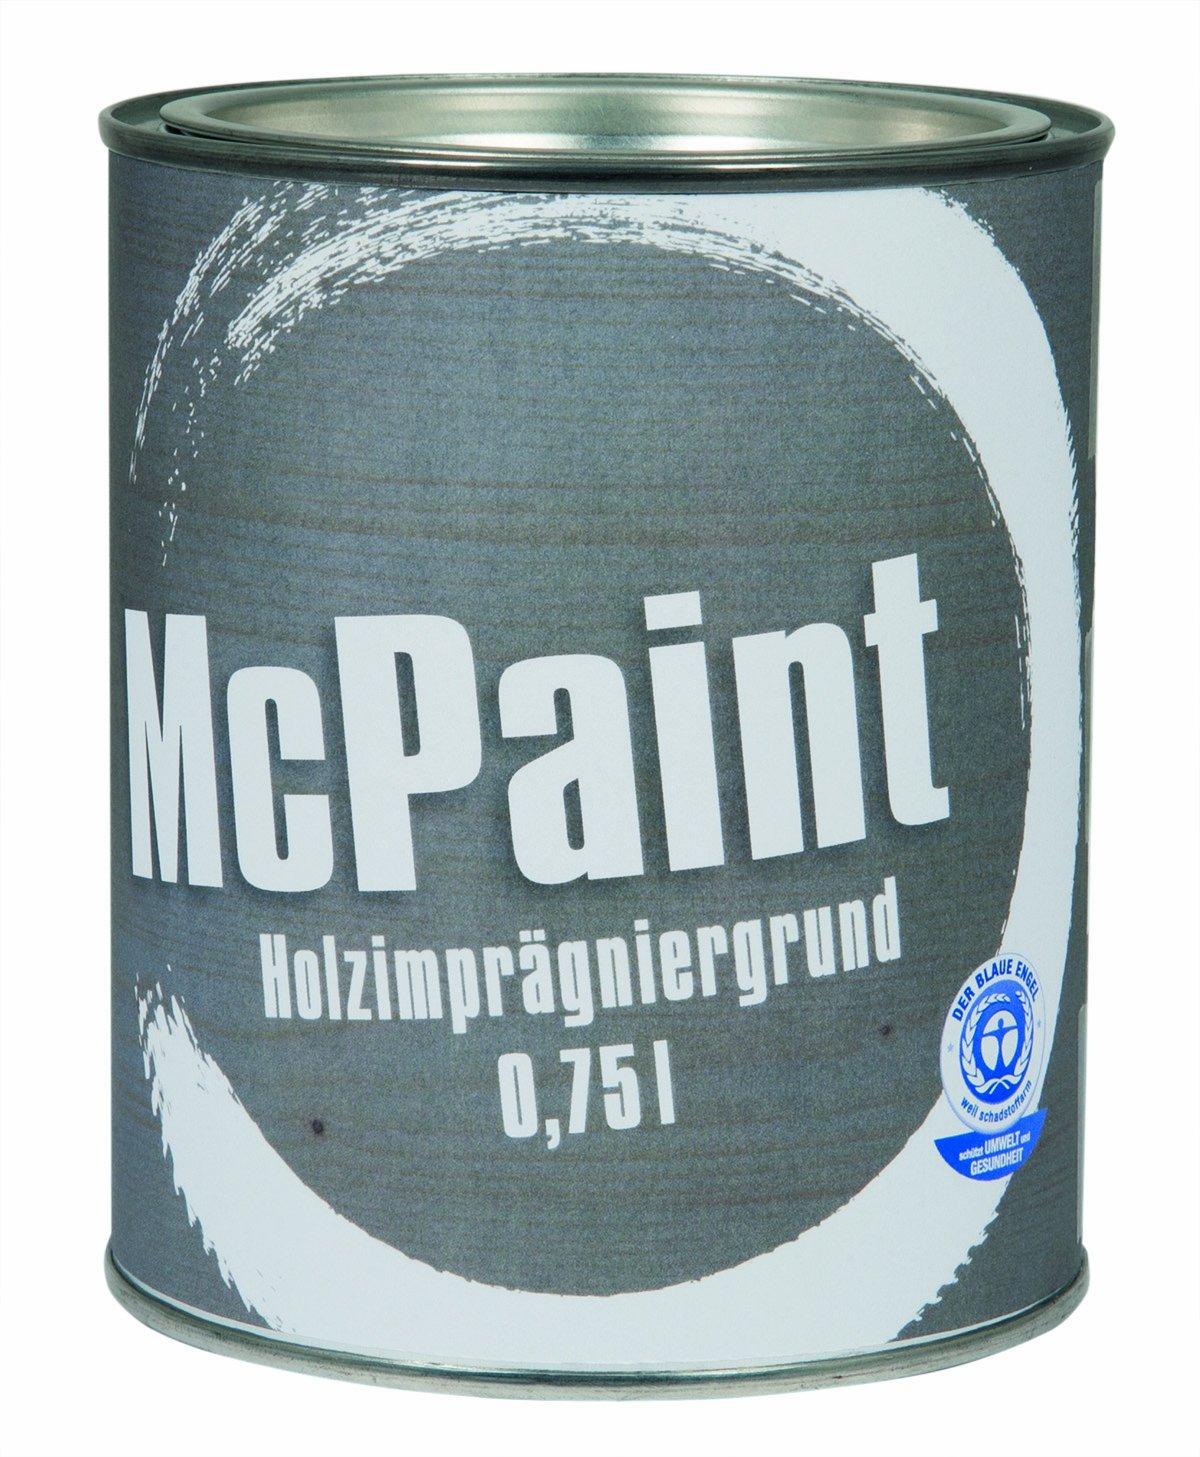 McPaint Holzimprä gniergrund aussen Farblos 0, 75L J120299